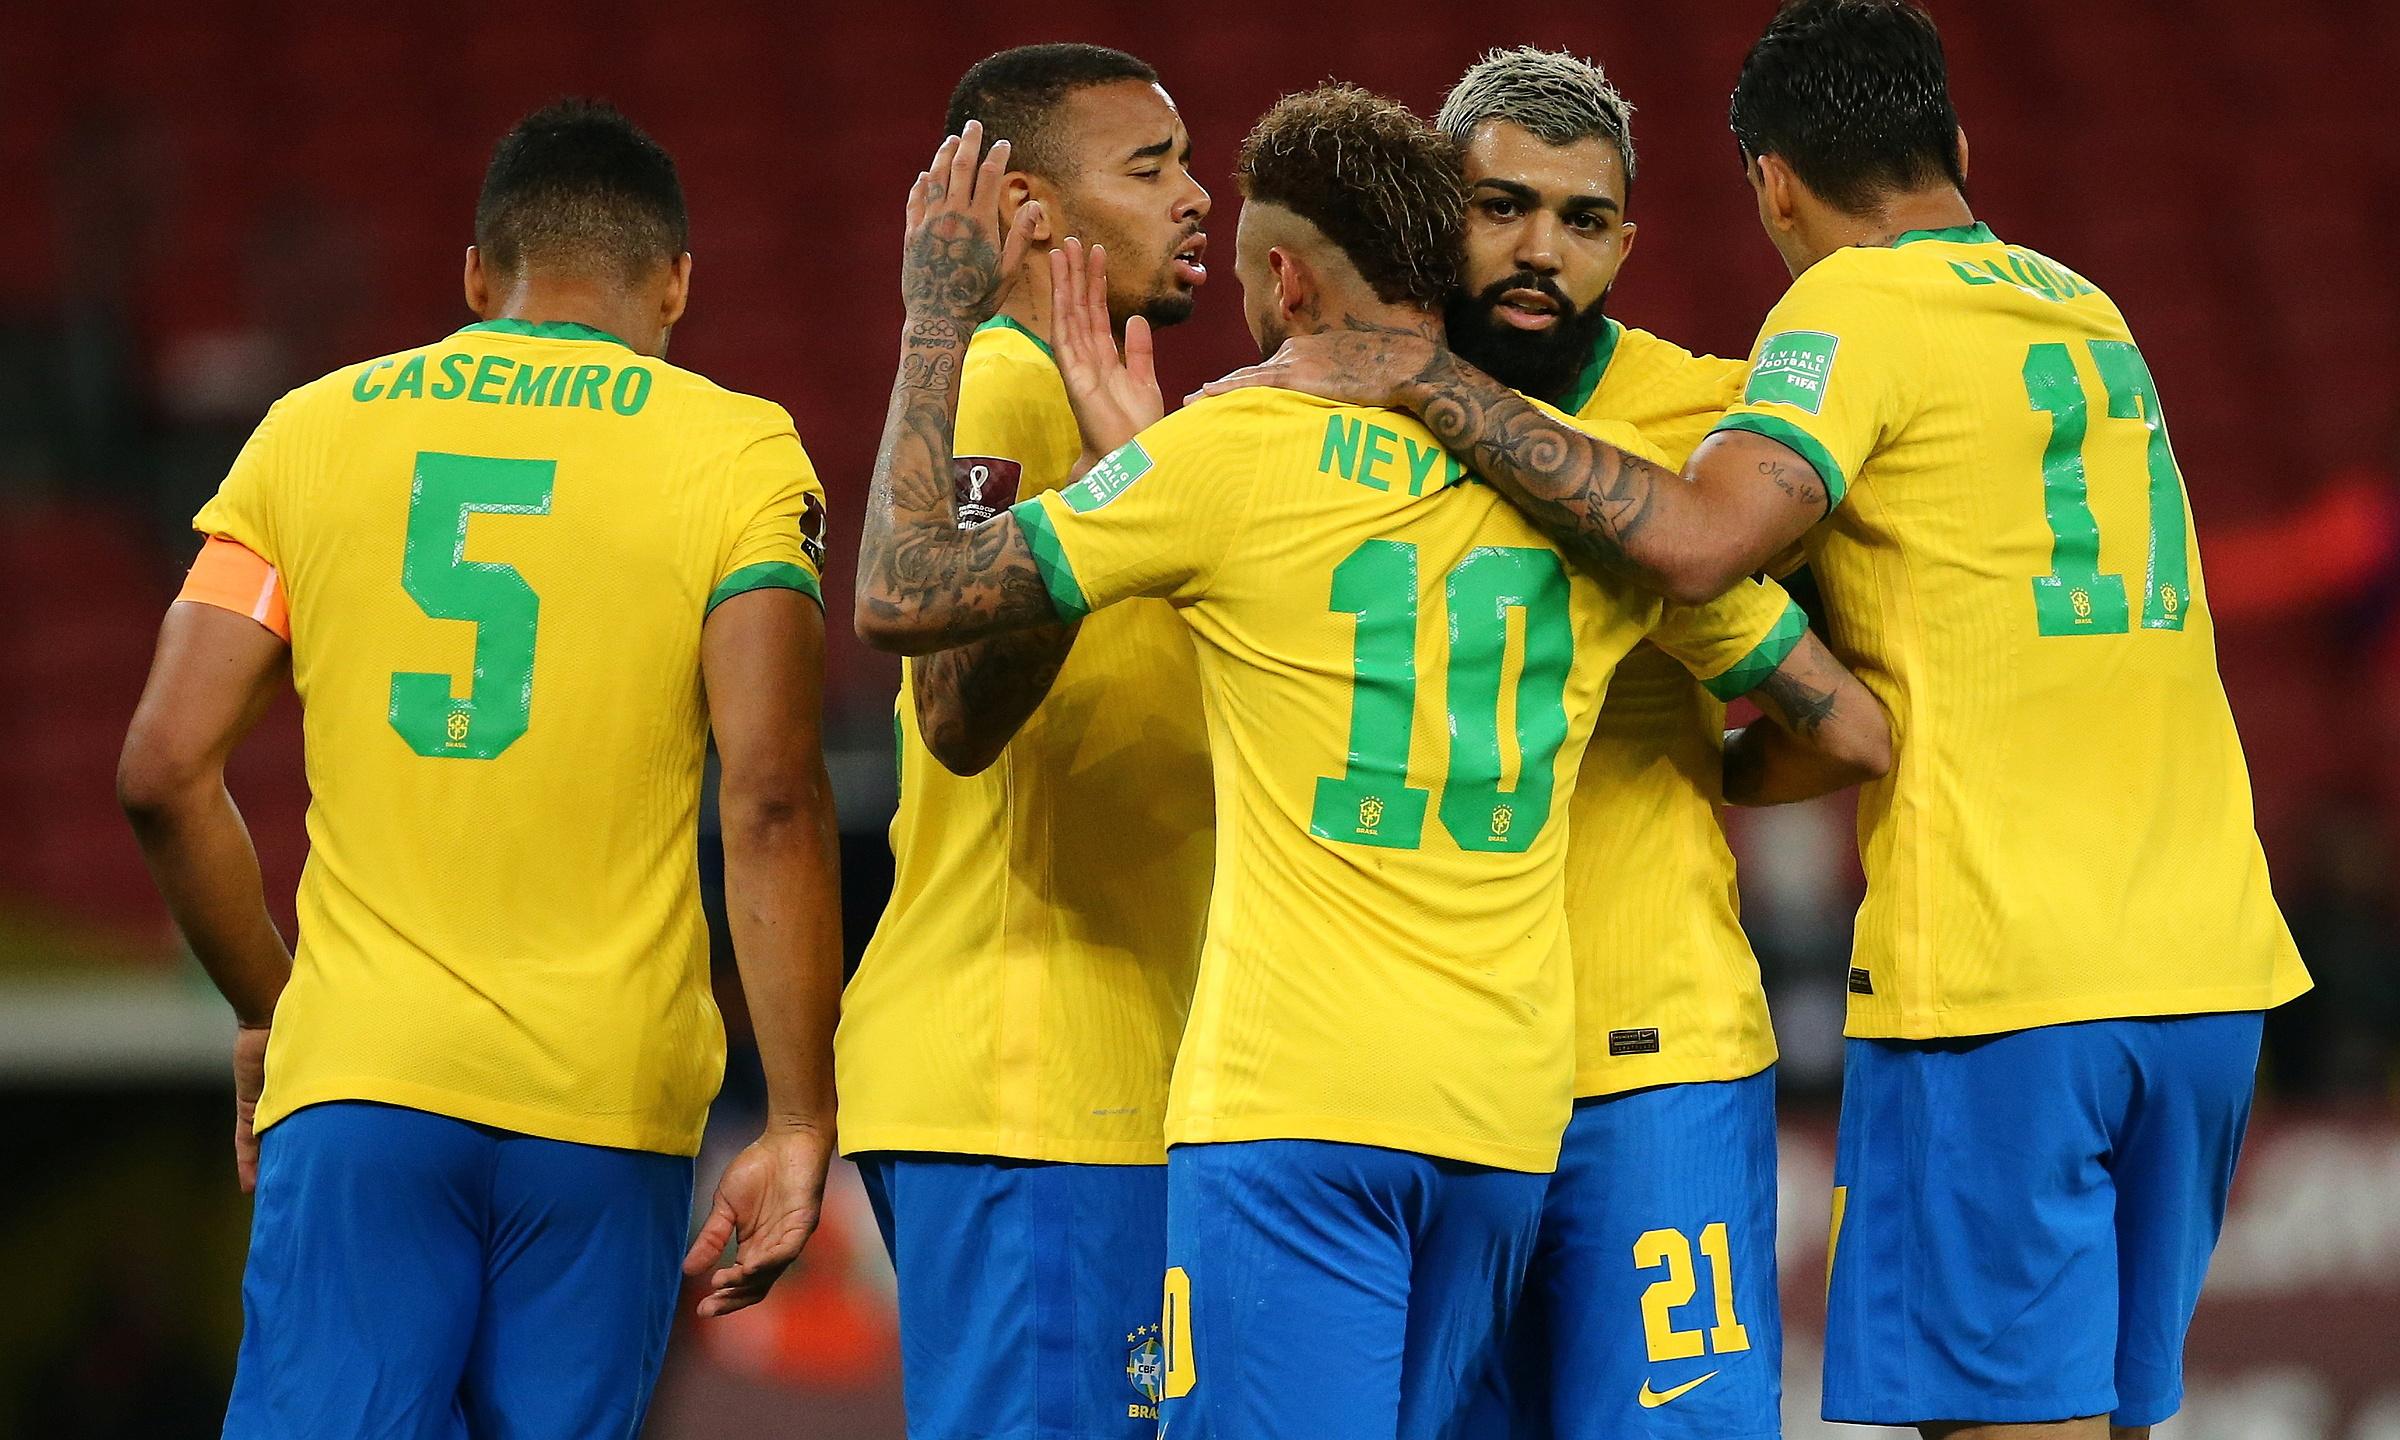 Dàn sao tấn công của Brazil được chờ đợi sẽ tiếp tục phô diễn sức mạnh trước Chile. Ảnh: Reuters